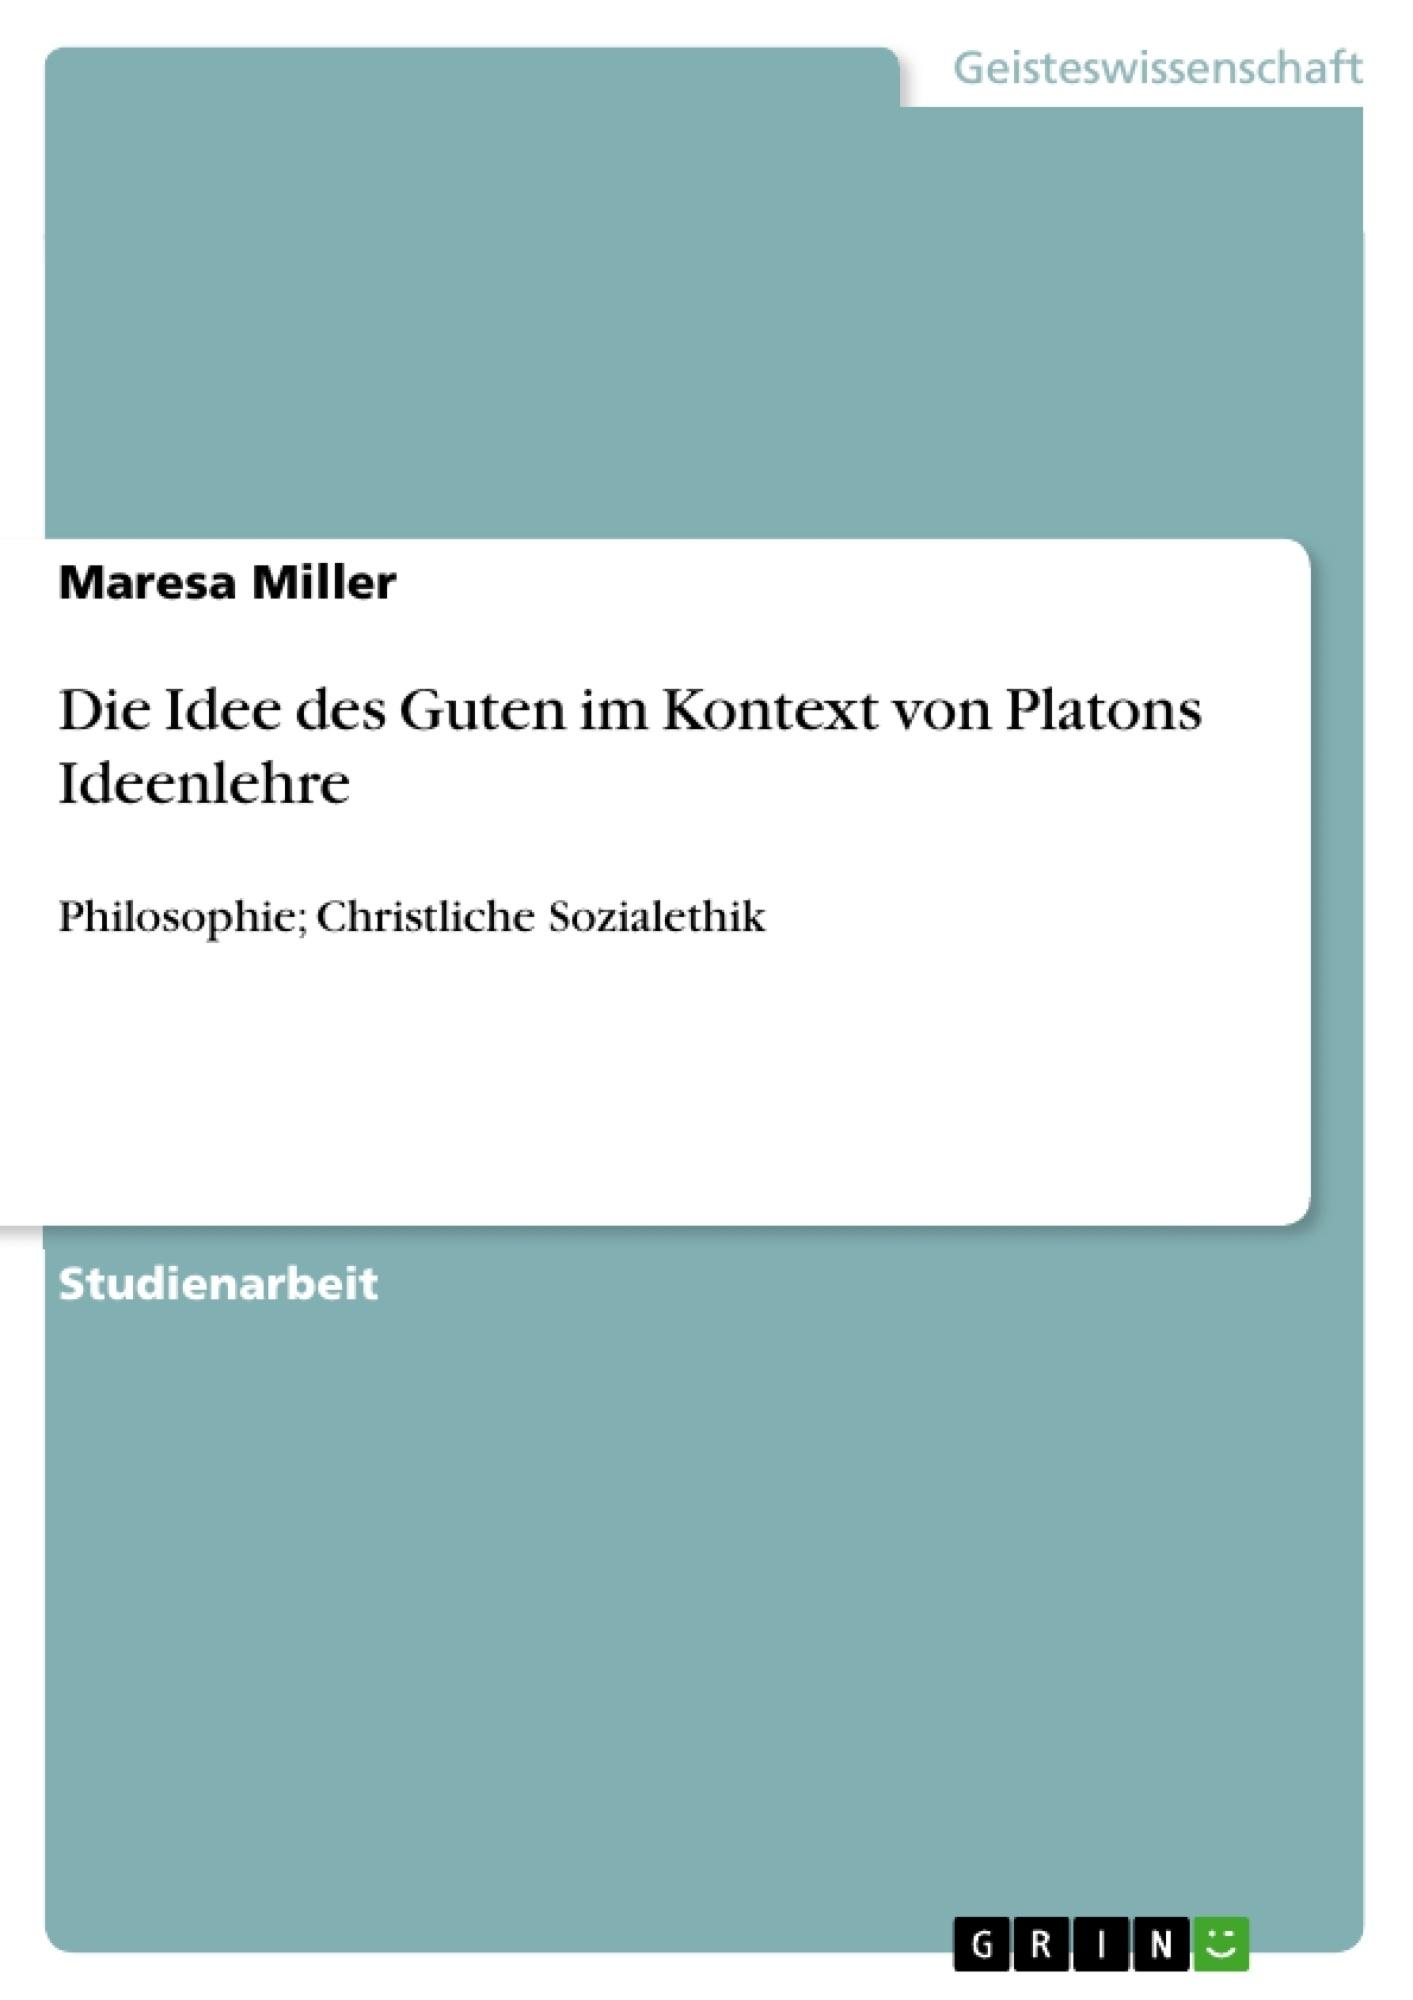 Titel: Die Idee des Guten im Kontext von  Platons Ideenlehre